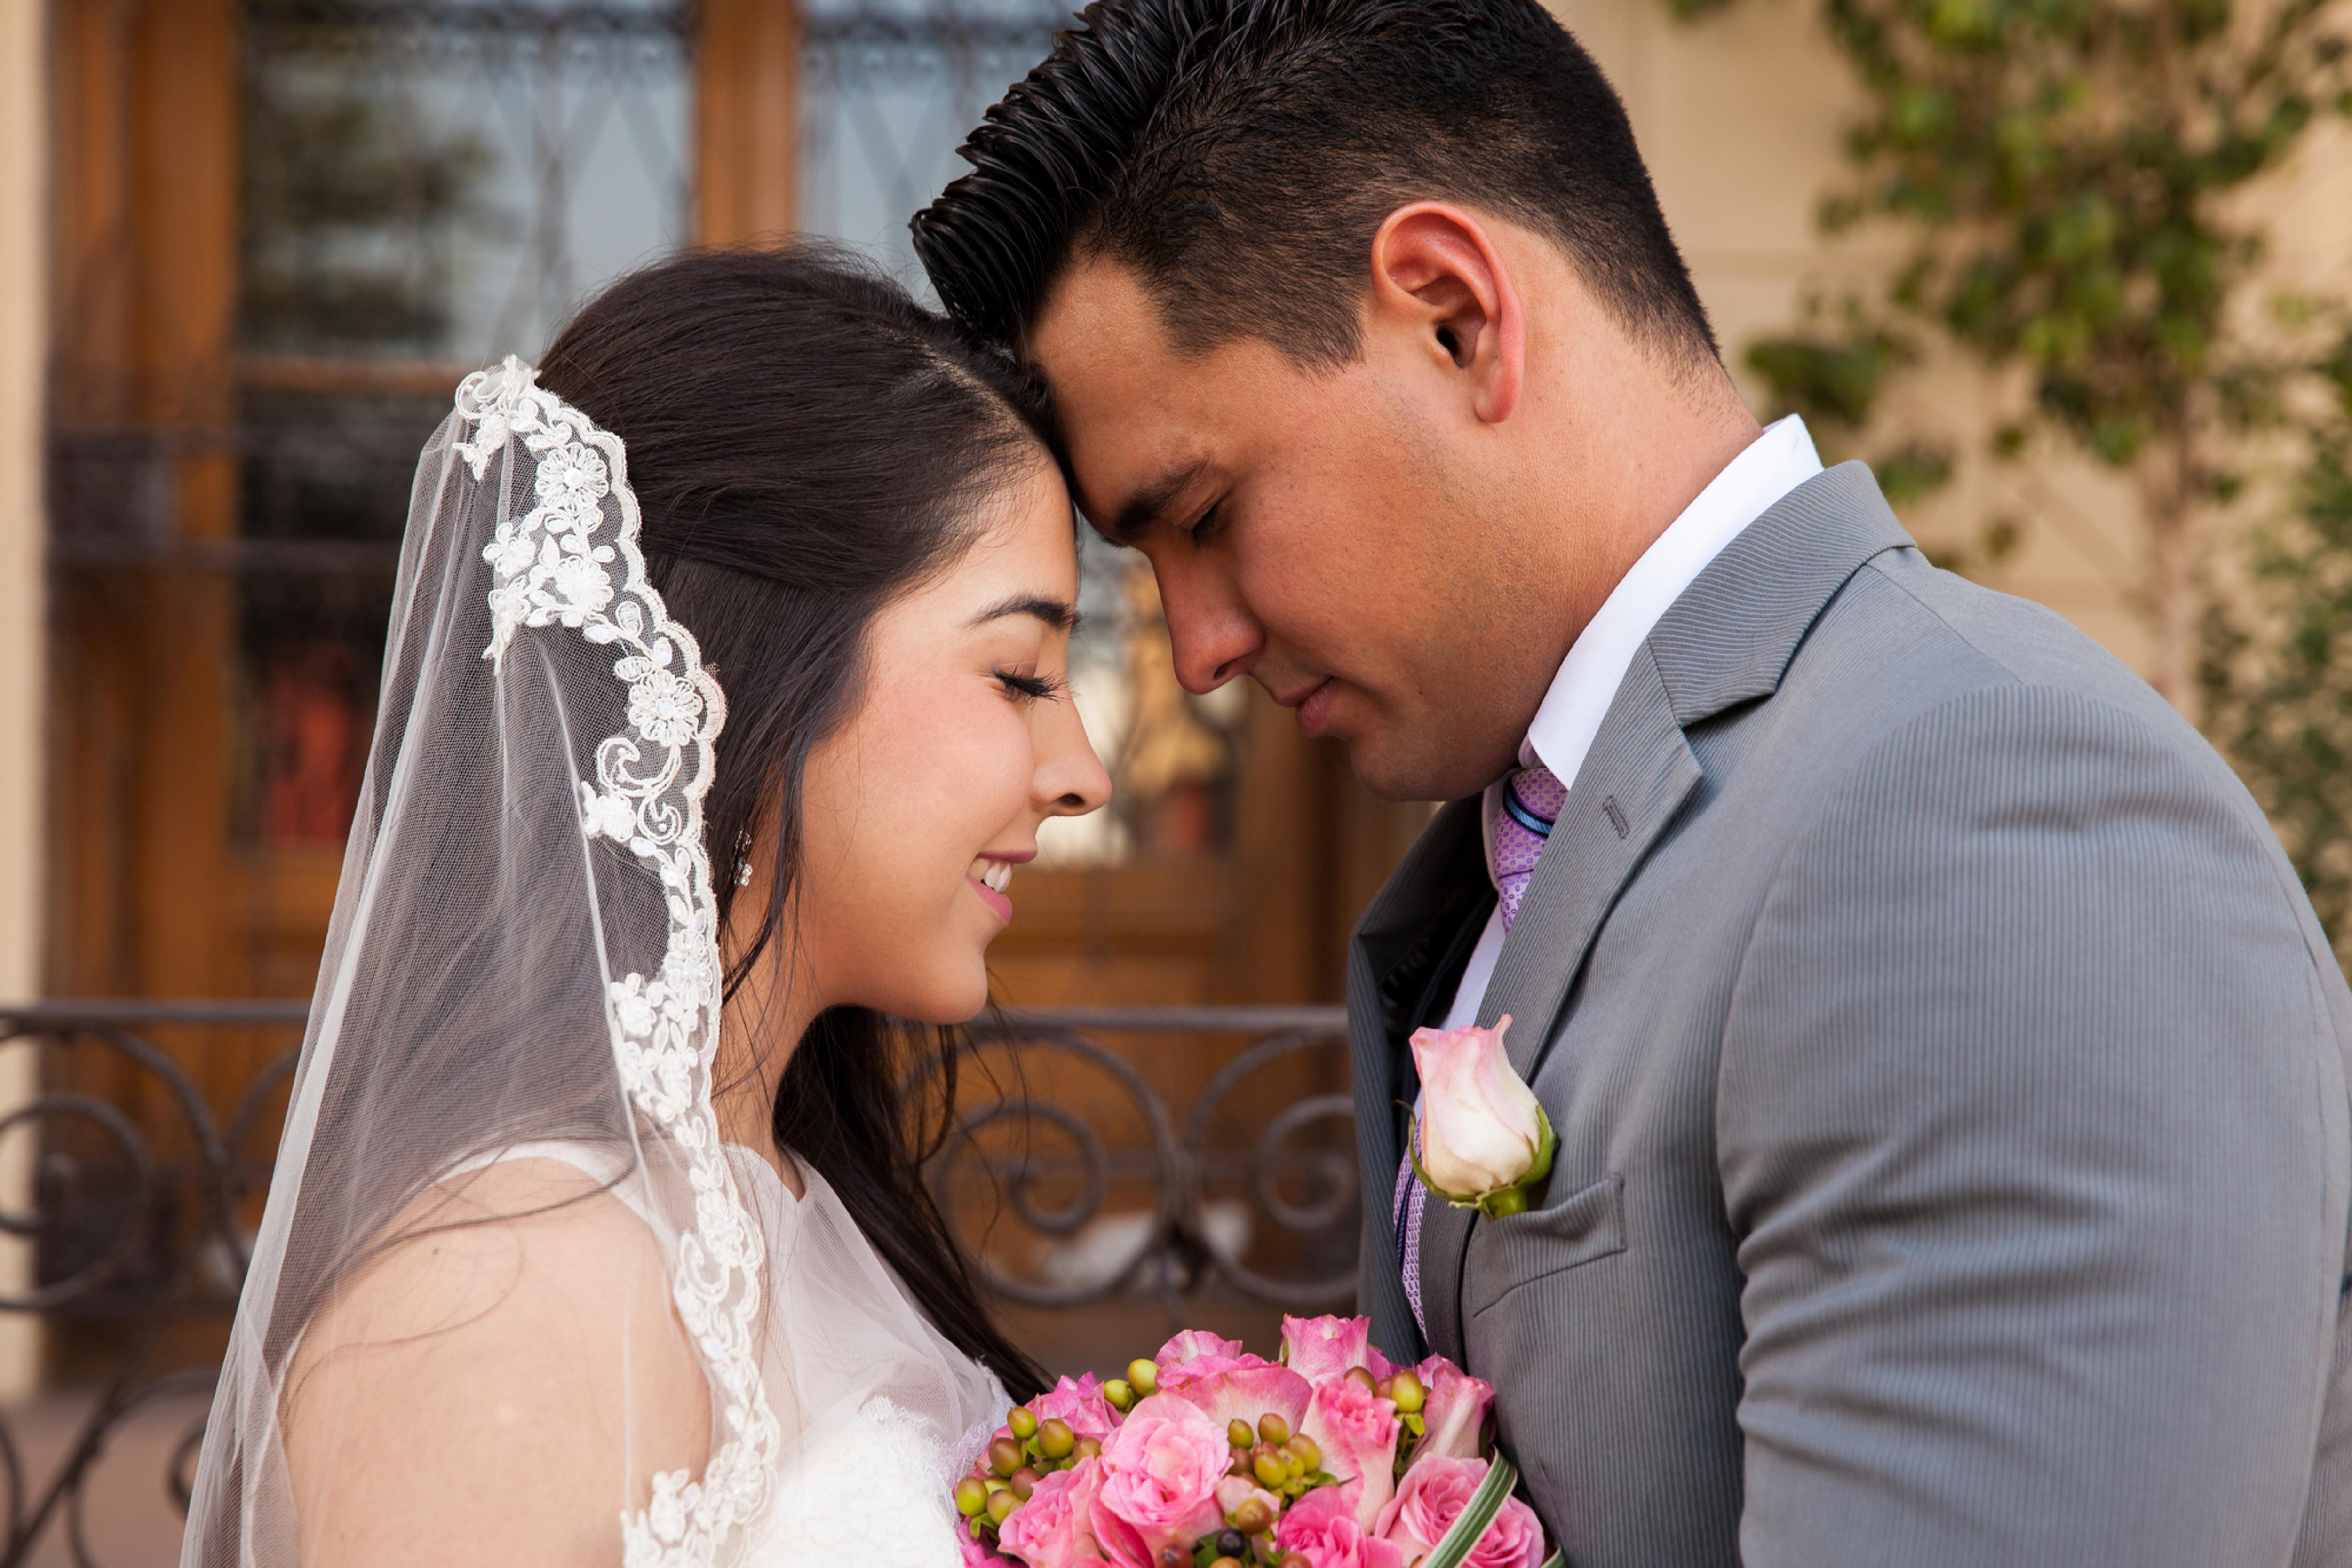 فحص قبل الزواج الوراثي